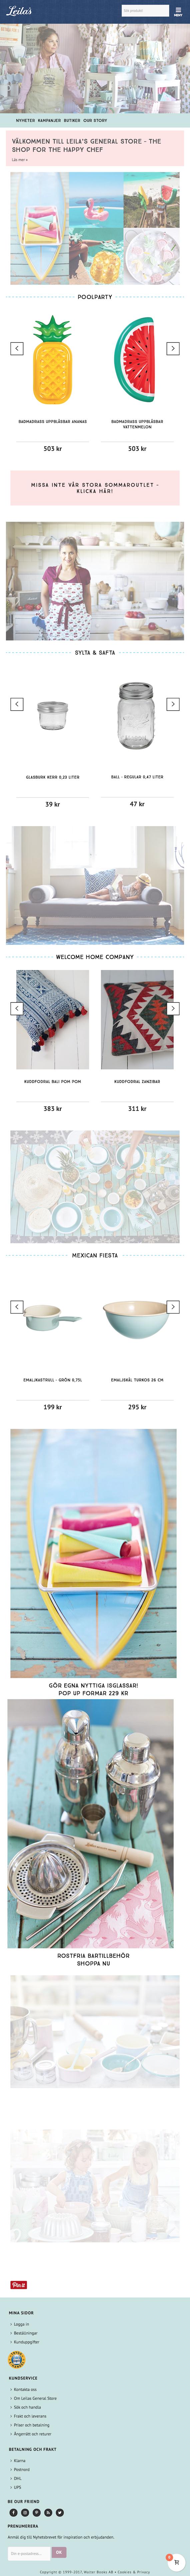 Välkommen till Leila's General Store - Unikt och färgstarkt sortiment med Leilas utvalda och designade produkter av hög kvalité för köket & hemmet .